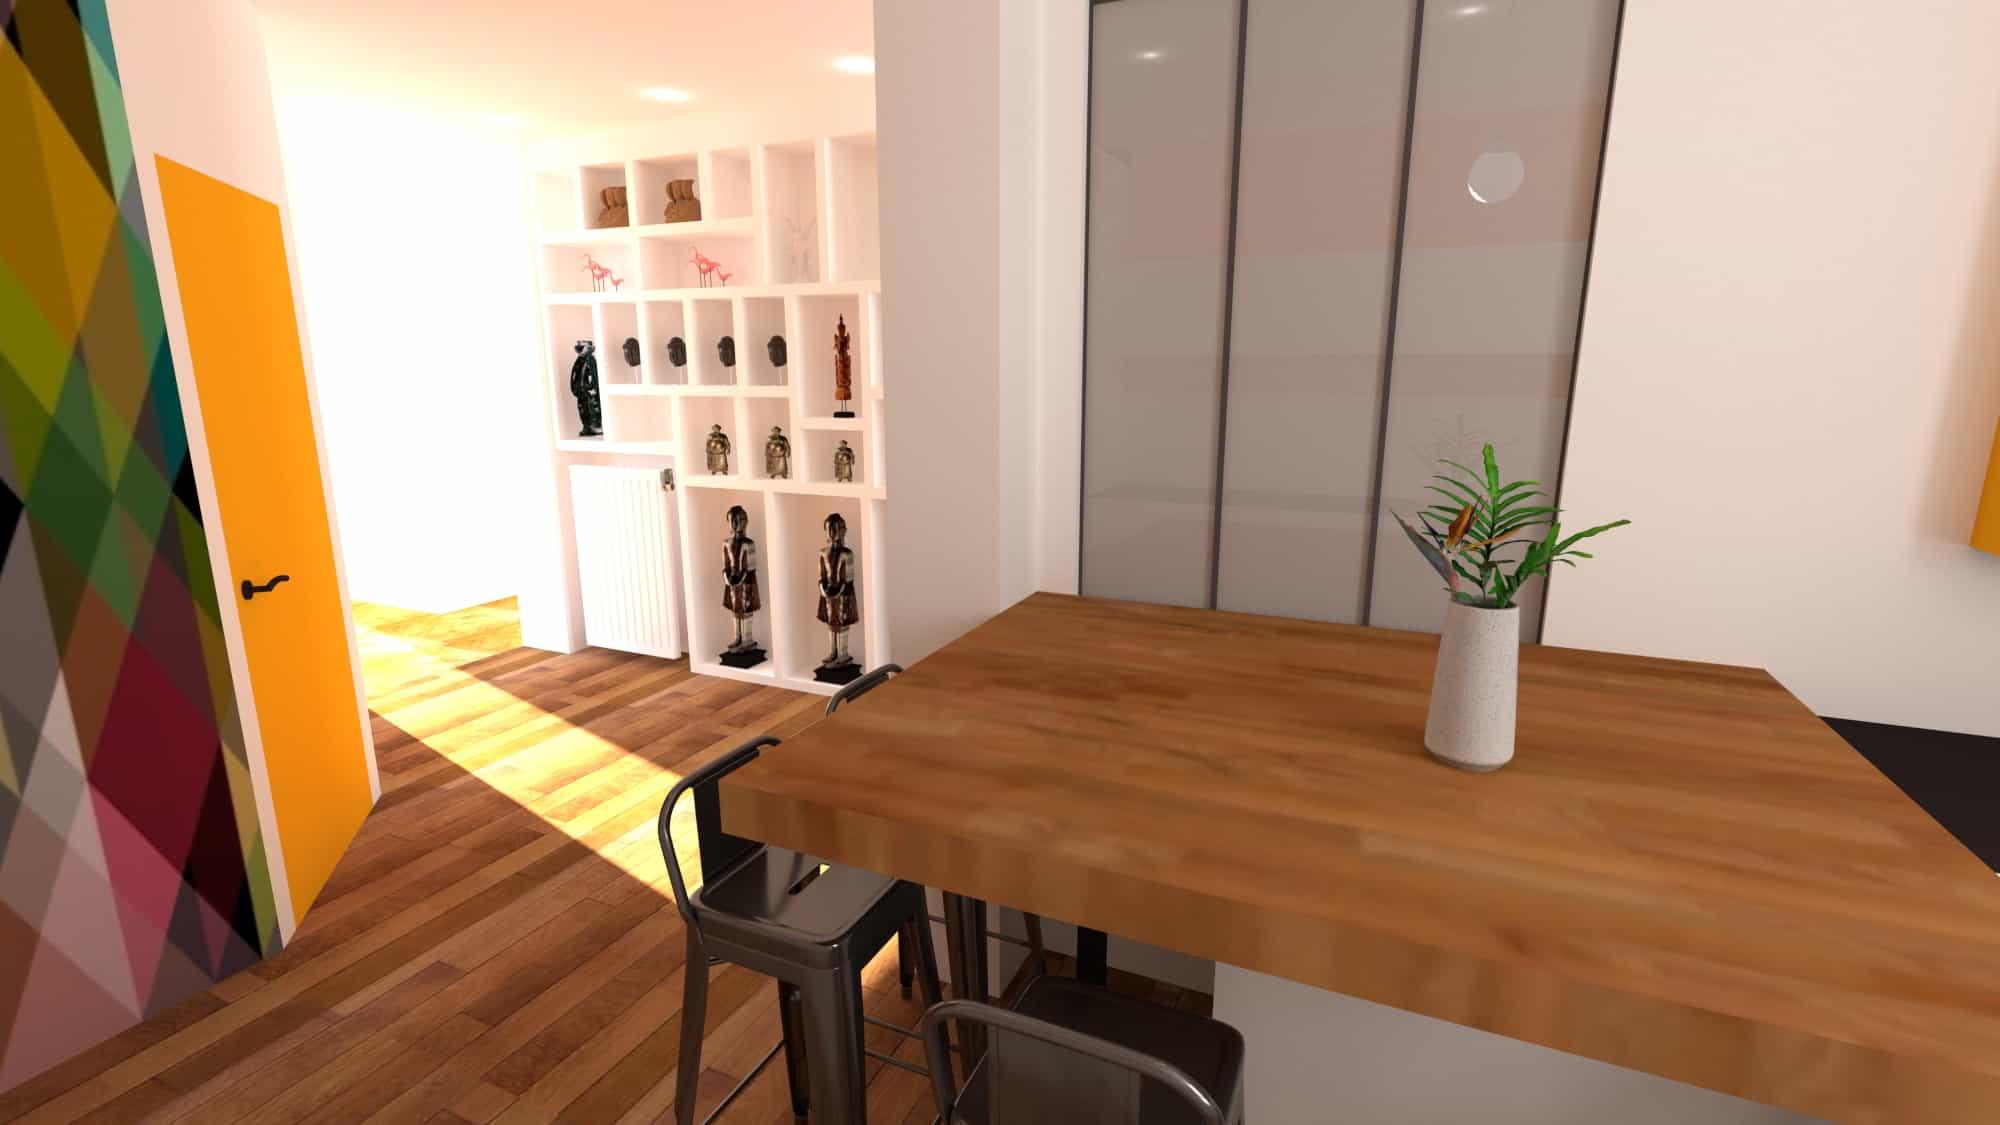 Cuisine 3D Picture Design